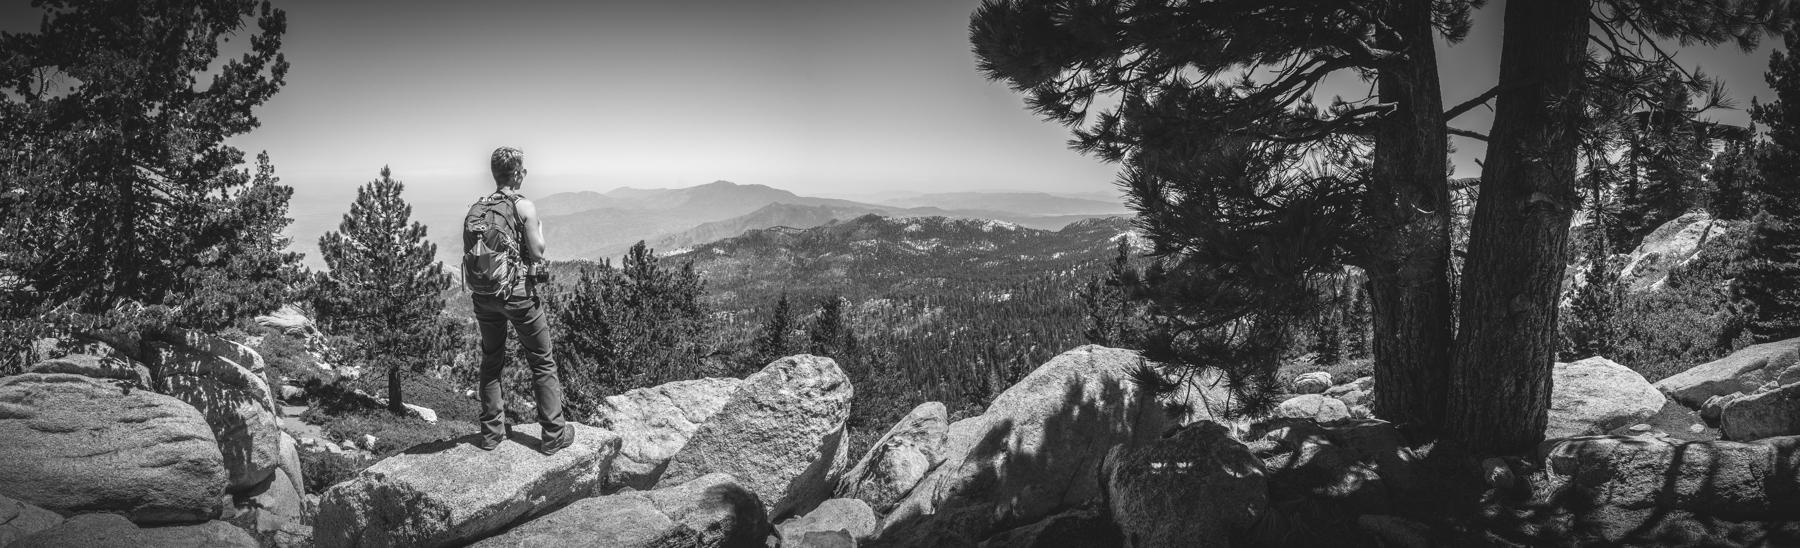 2017-07-02 San Jacinto Peak B (3 of 30).jpg